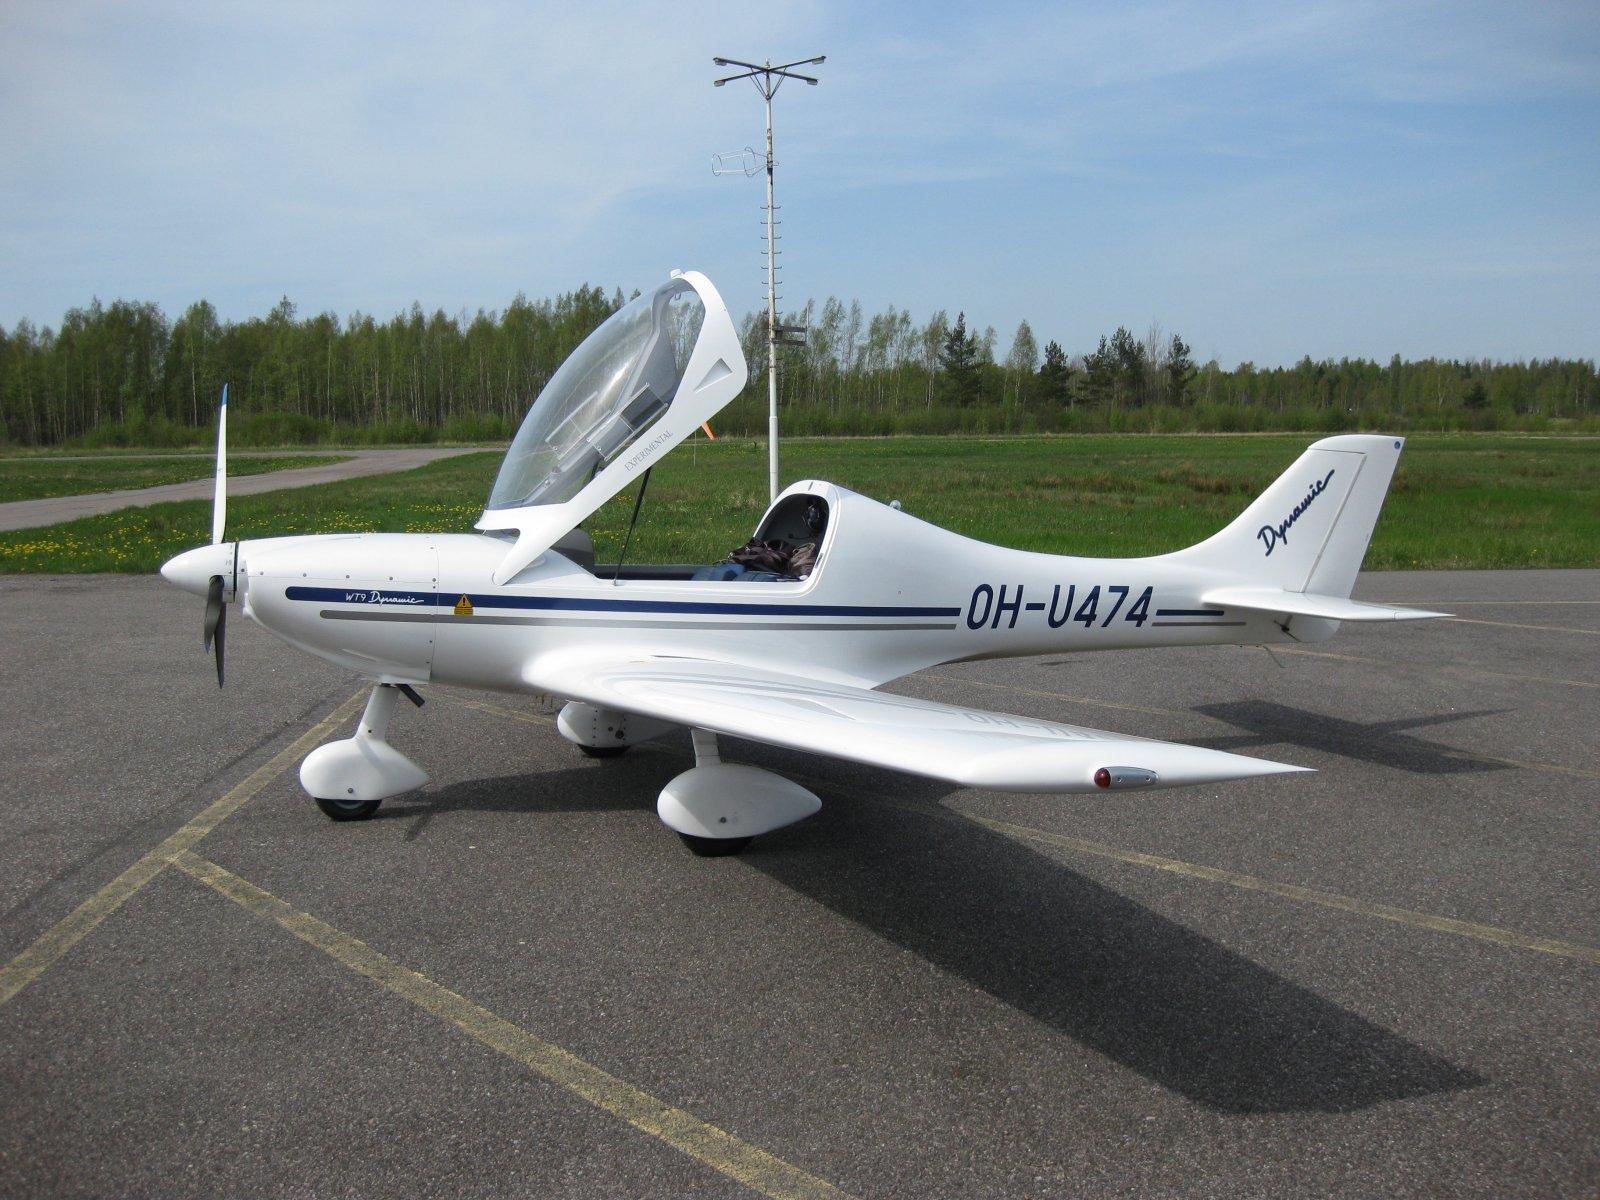 Aerospool WT-9 Dynamic OH-U474 EFHN 2008-05-10